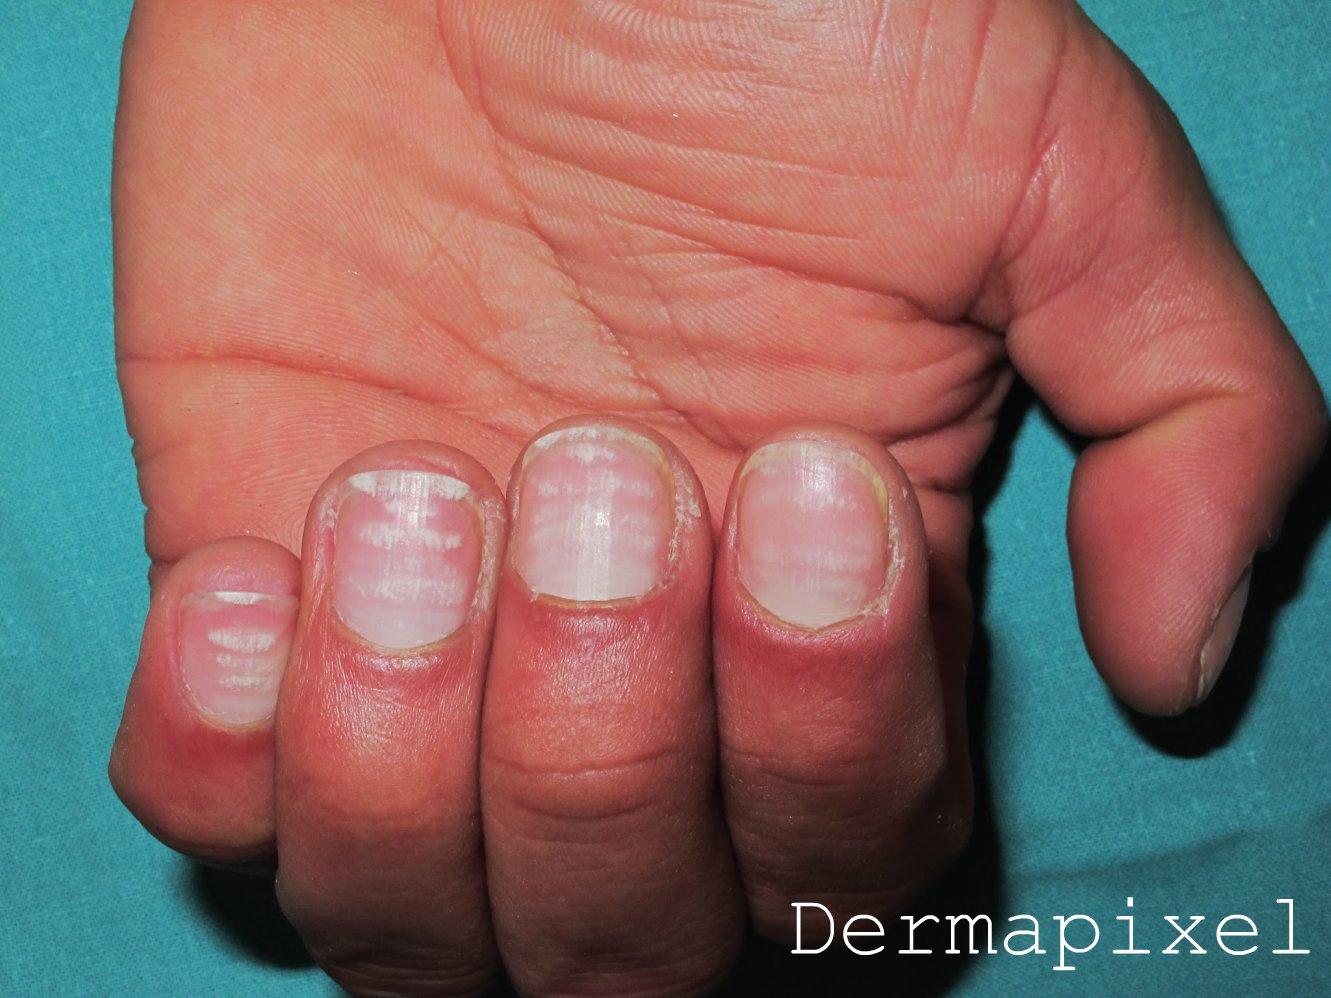 Dermapixel: El misterio de las uñas blancas